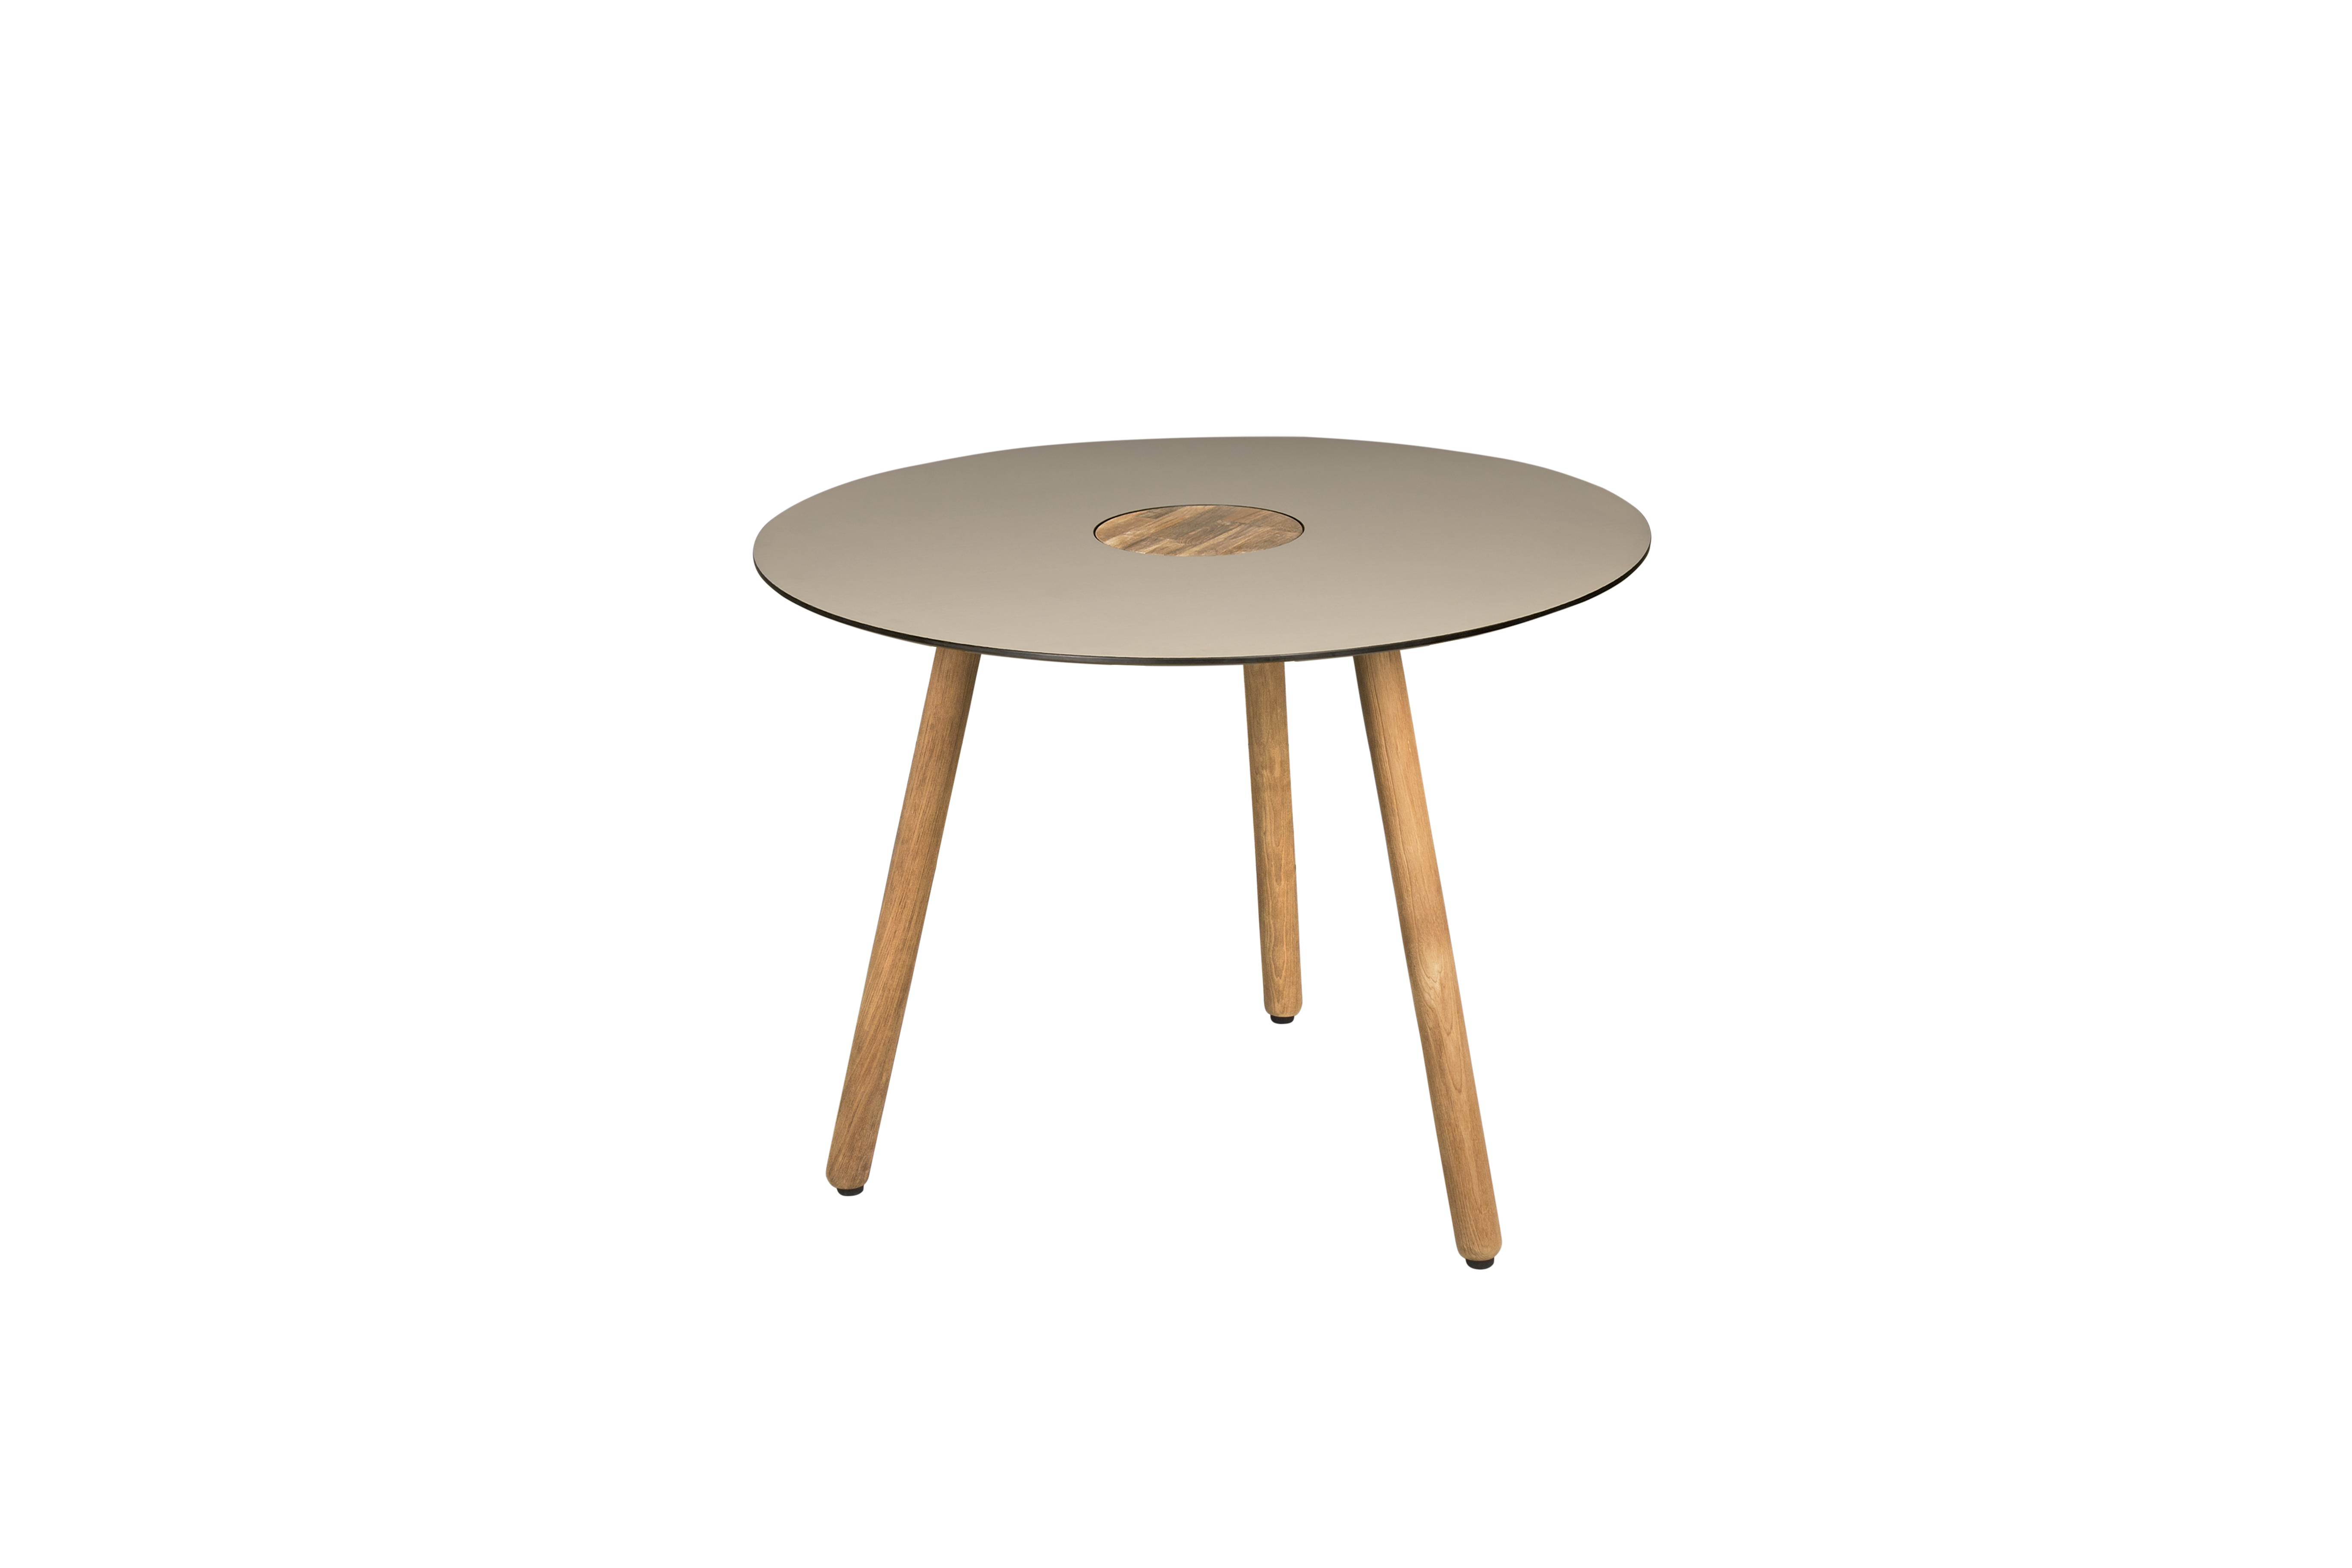 MAMAGREEN_BON21_BONO_dining_table_dia100_cm_hpl